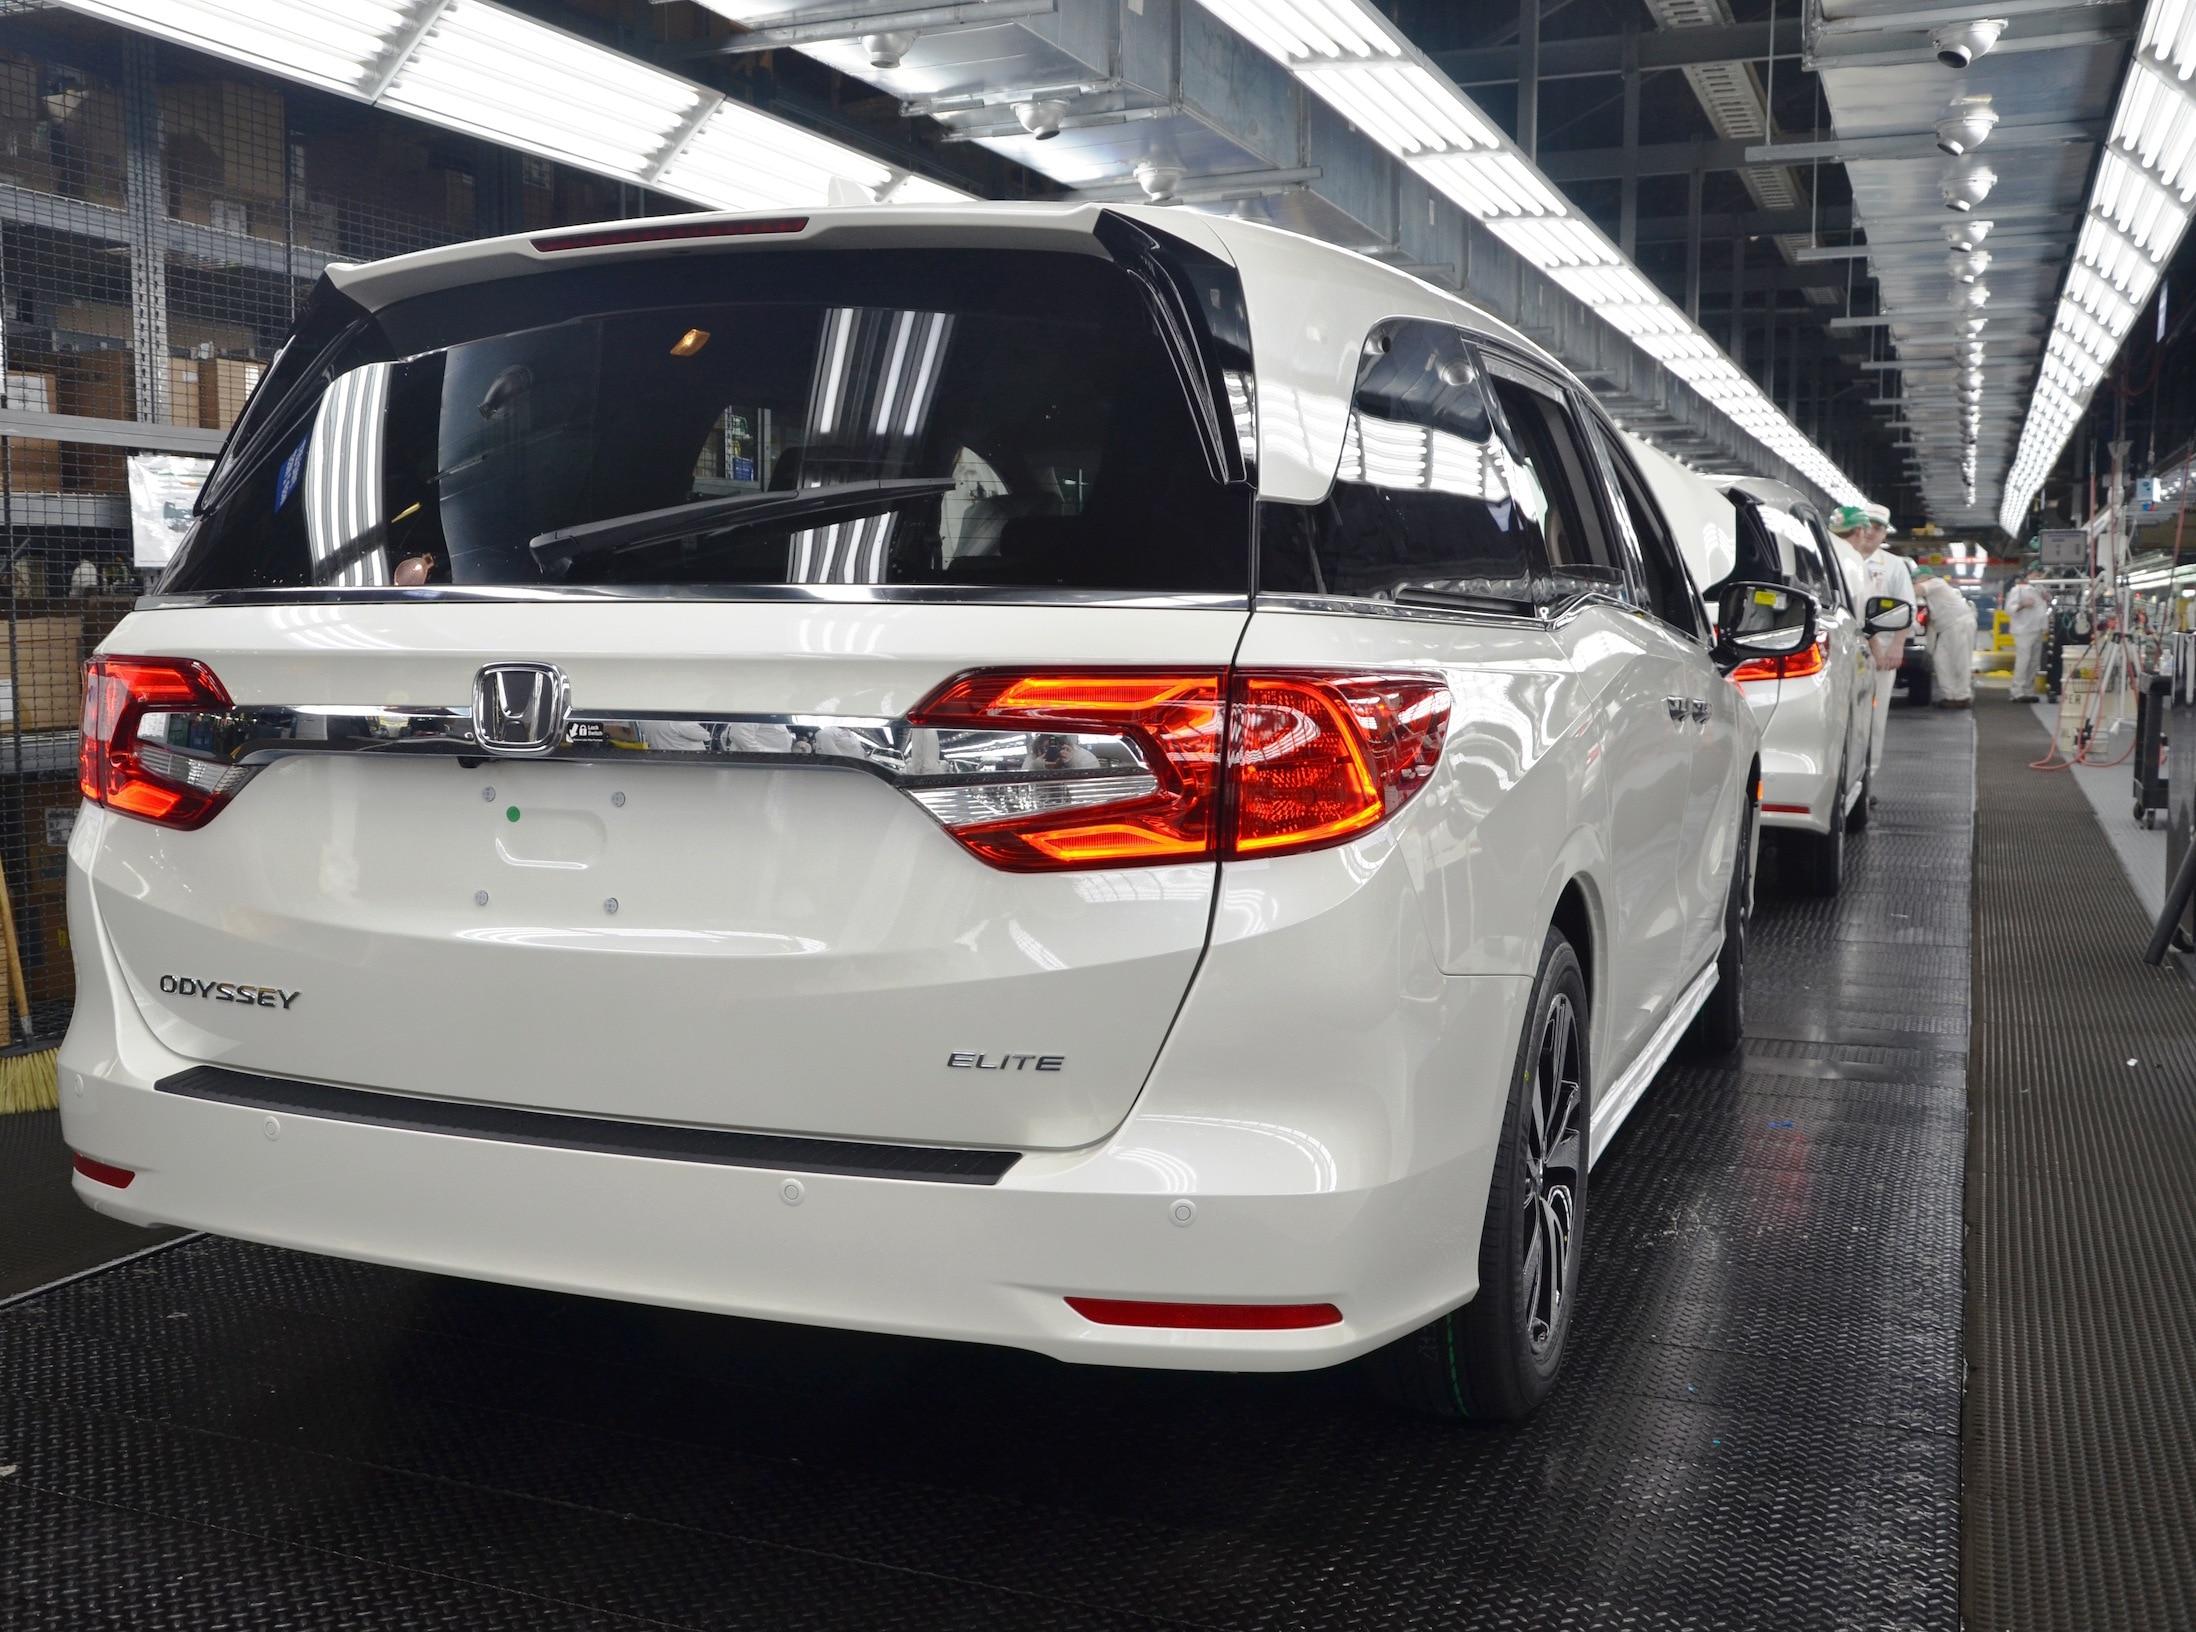 Honda Odyssey 2018 Arranca Producción En Alabama